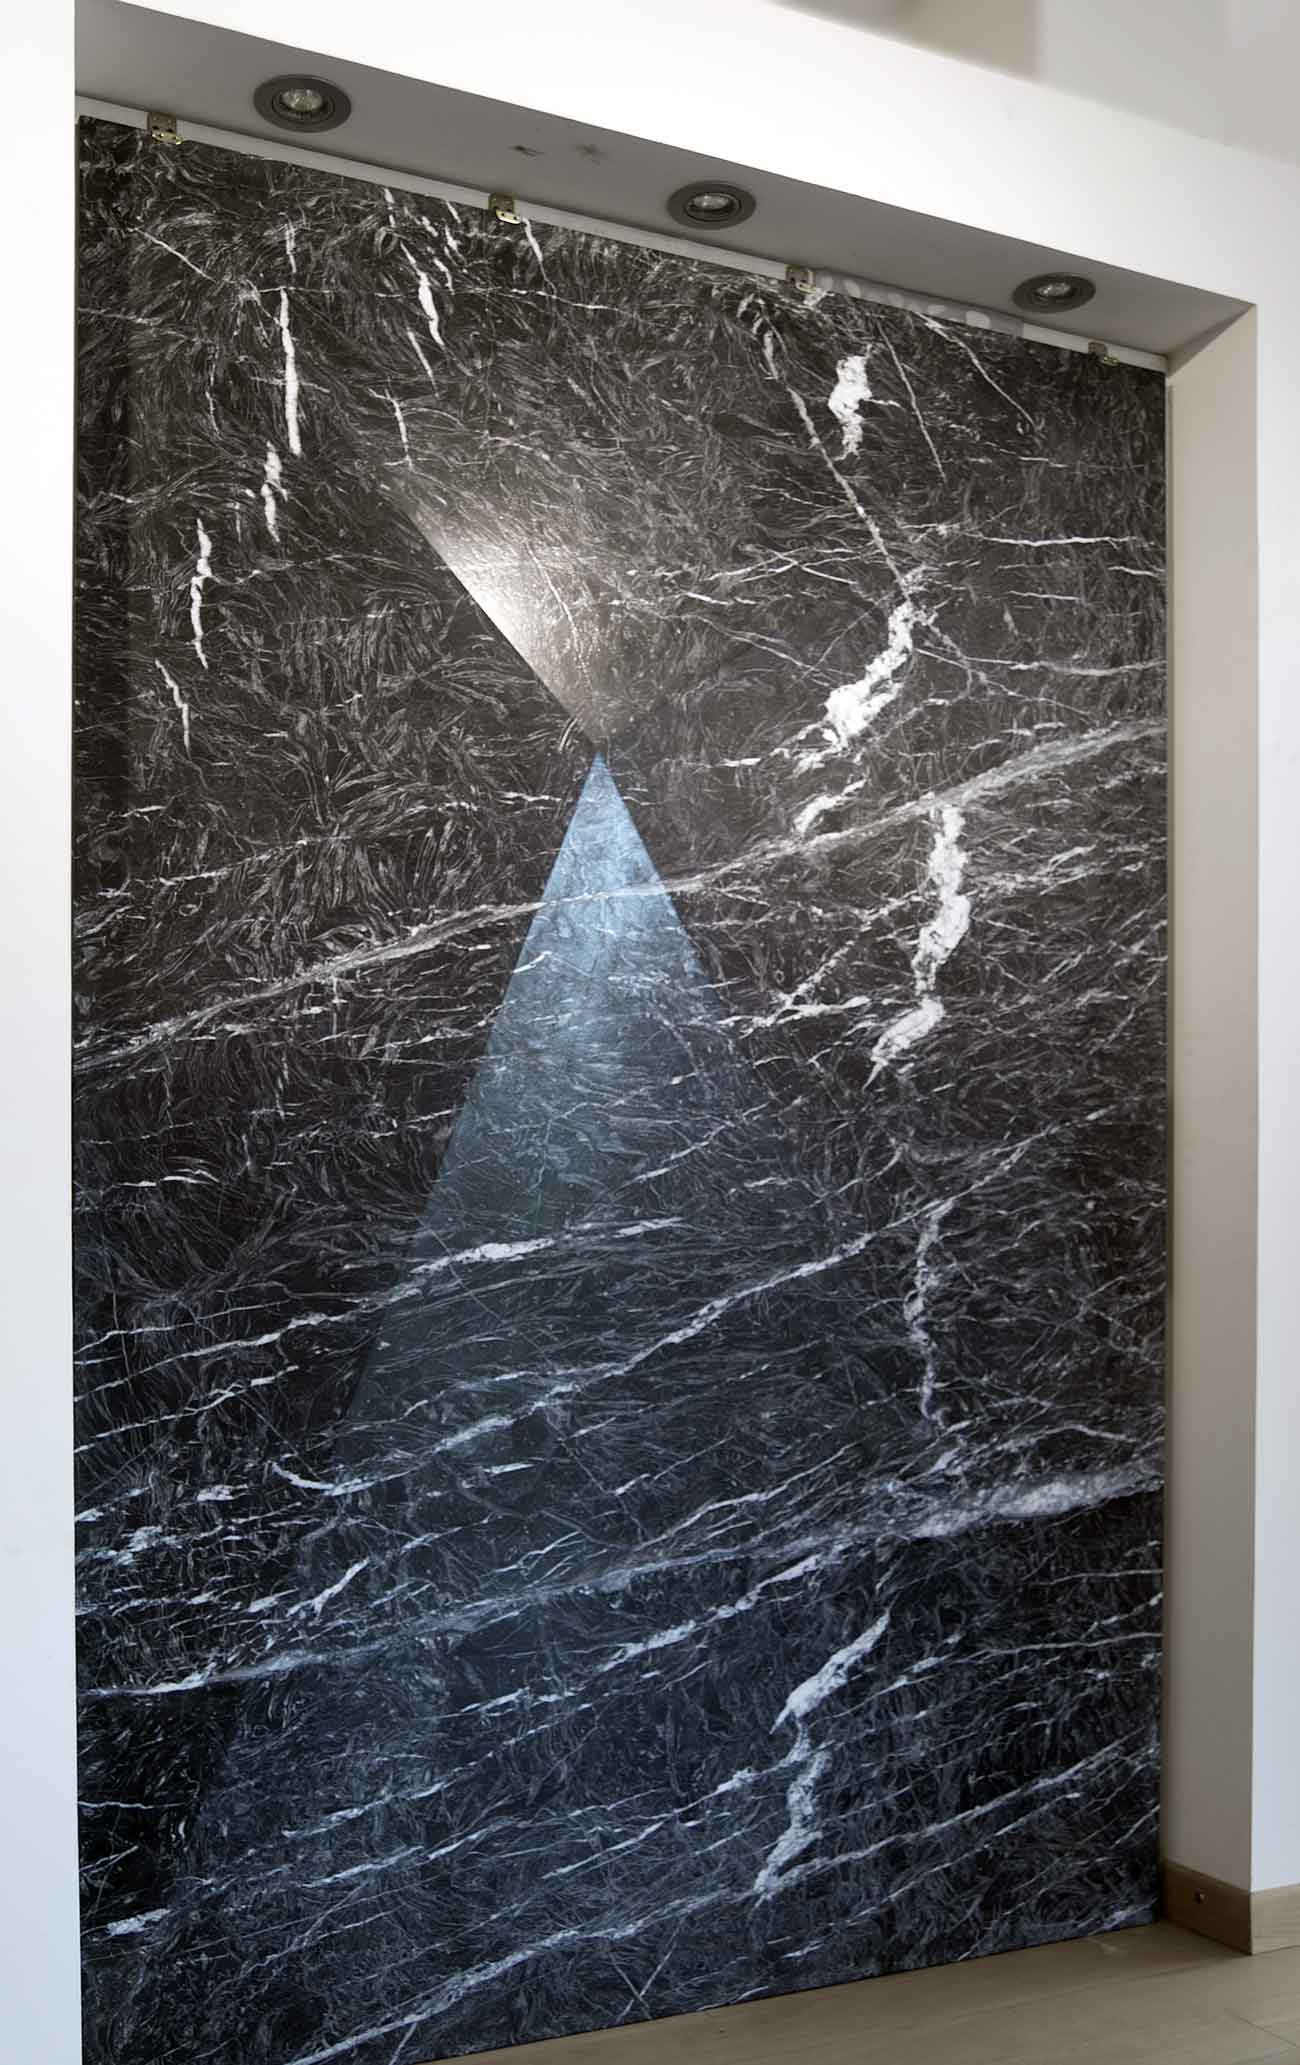 Naldi pavimenti, Materiali, Pavimenti in Pietra, Marmo nero